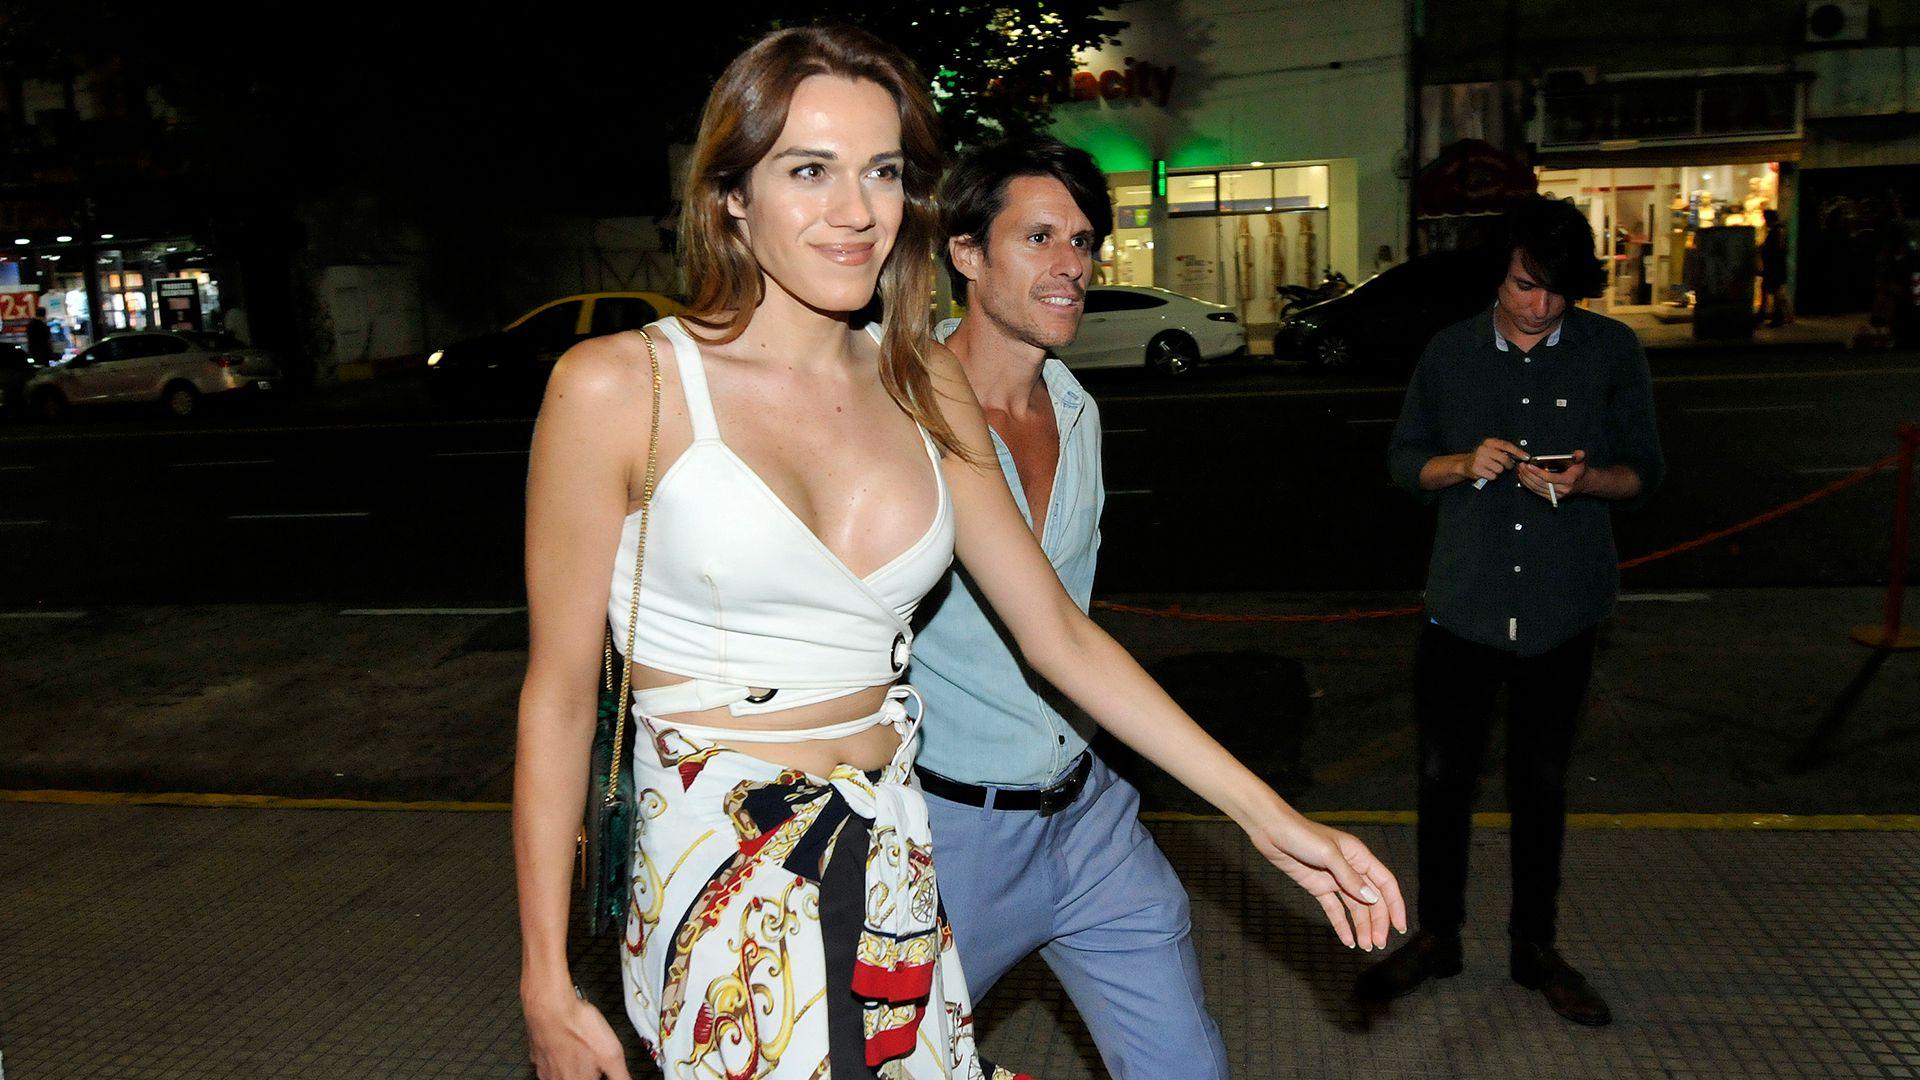 La actriz fue al evento junto a Juan Ignacio Pagliere (Crédito: Dario Batallán/Teleshow)